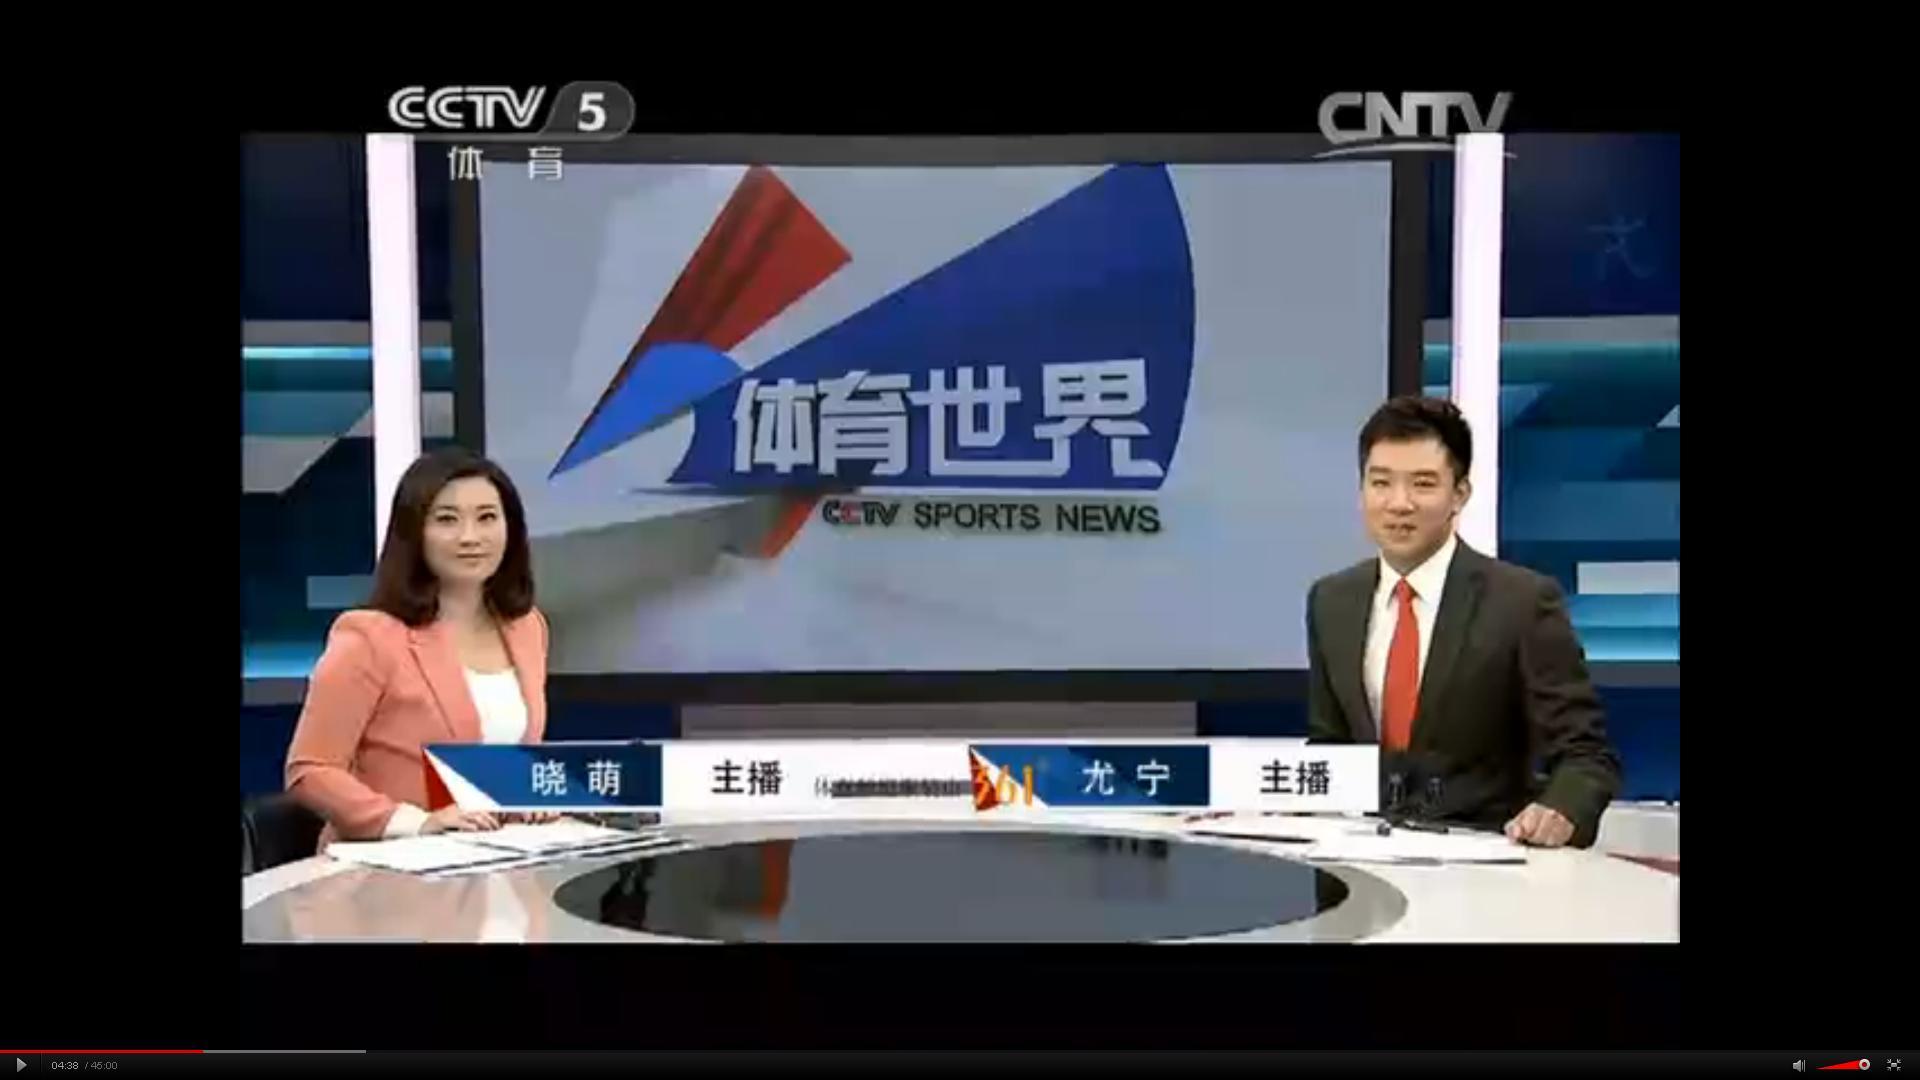 最近电视上cctv5播放的一个nba的广告,有首英文背景歌曲歌词翻译为